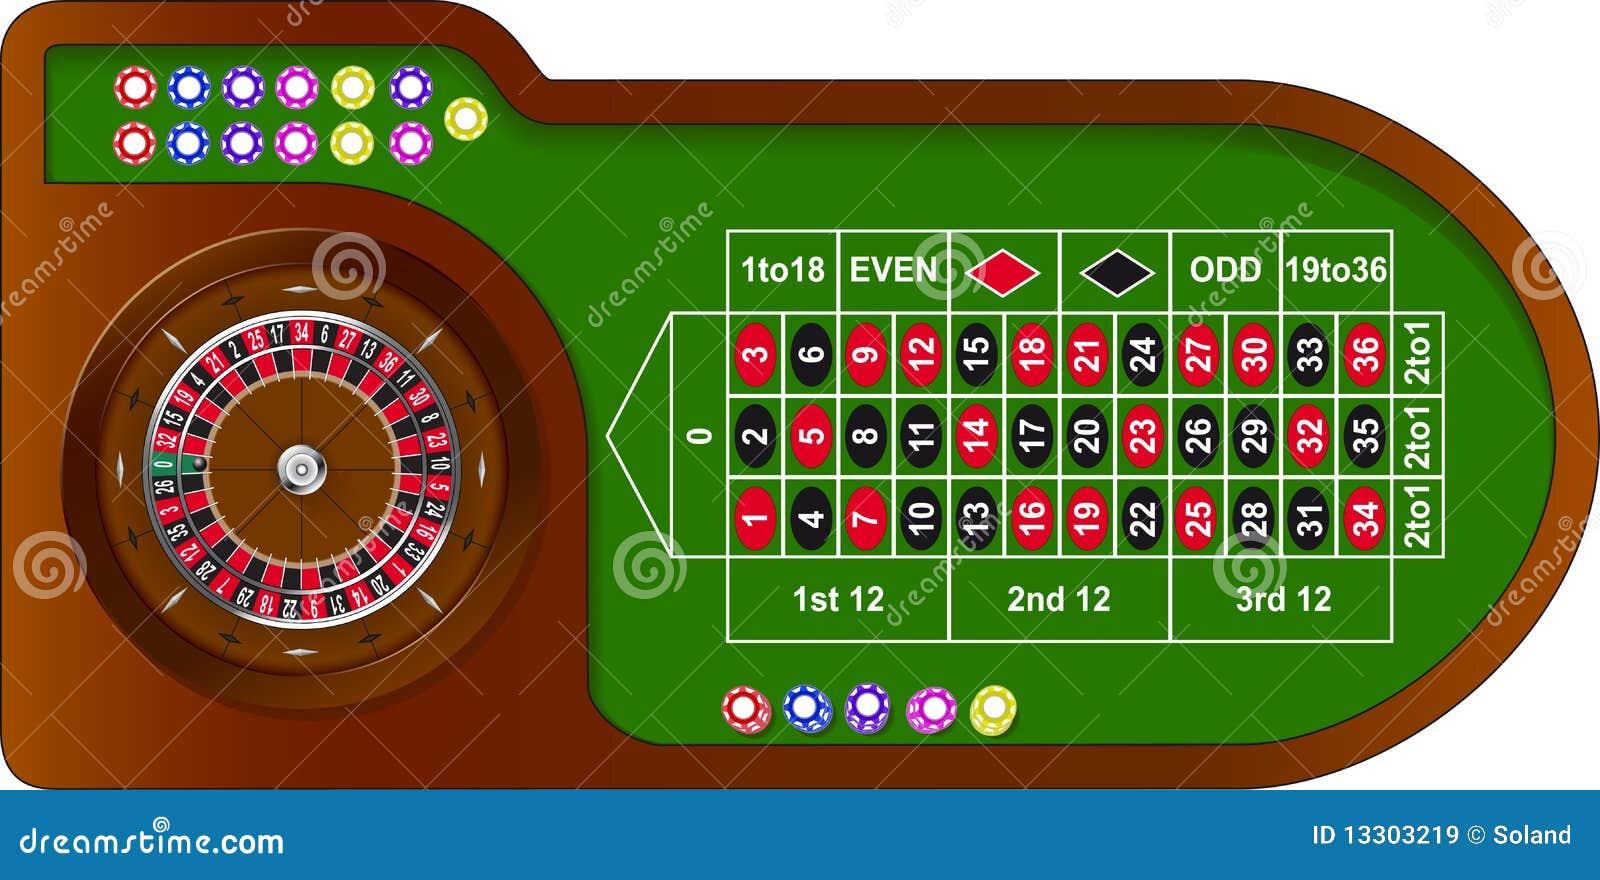 Казино рулетка таблиці для продажу Чому Інтернет казино забороняється володіють 2 рахунку